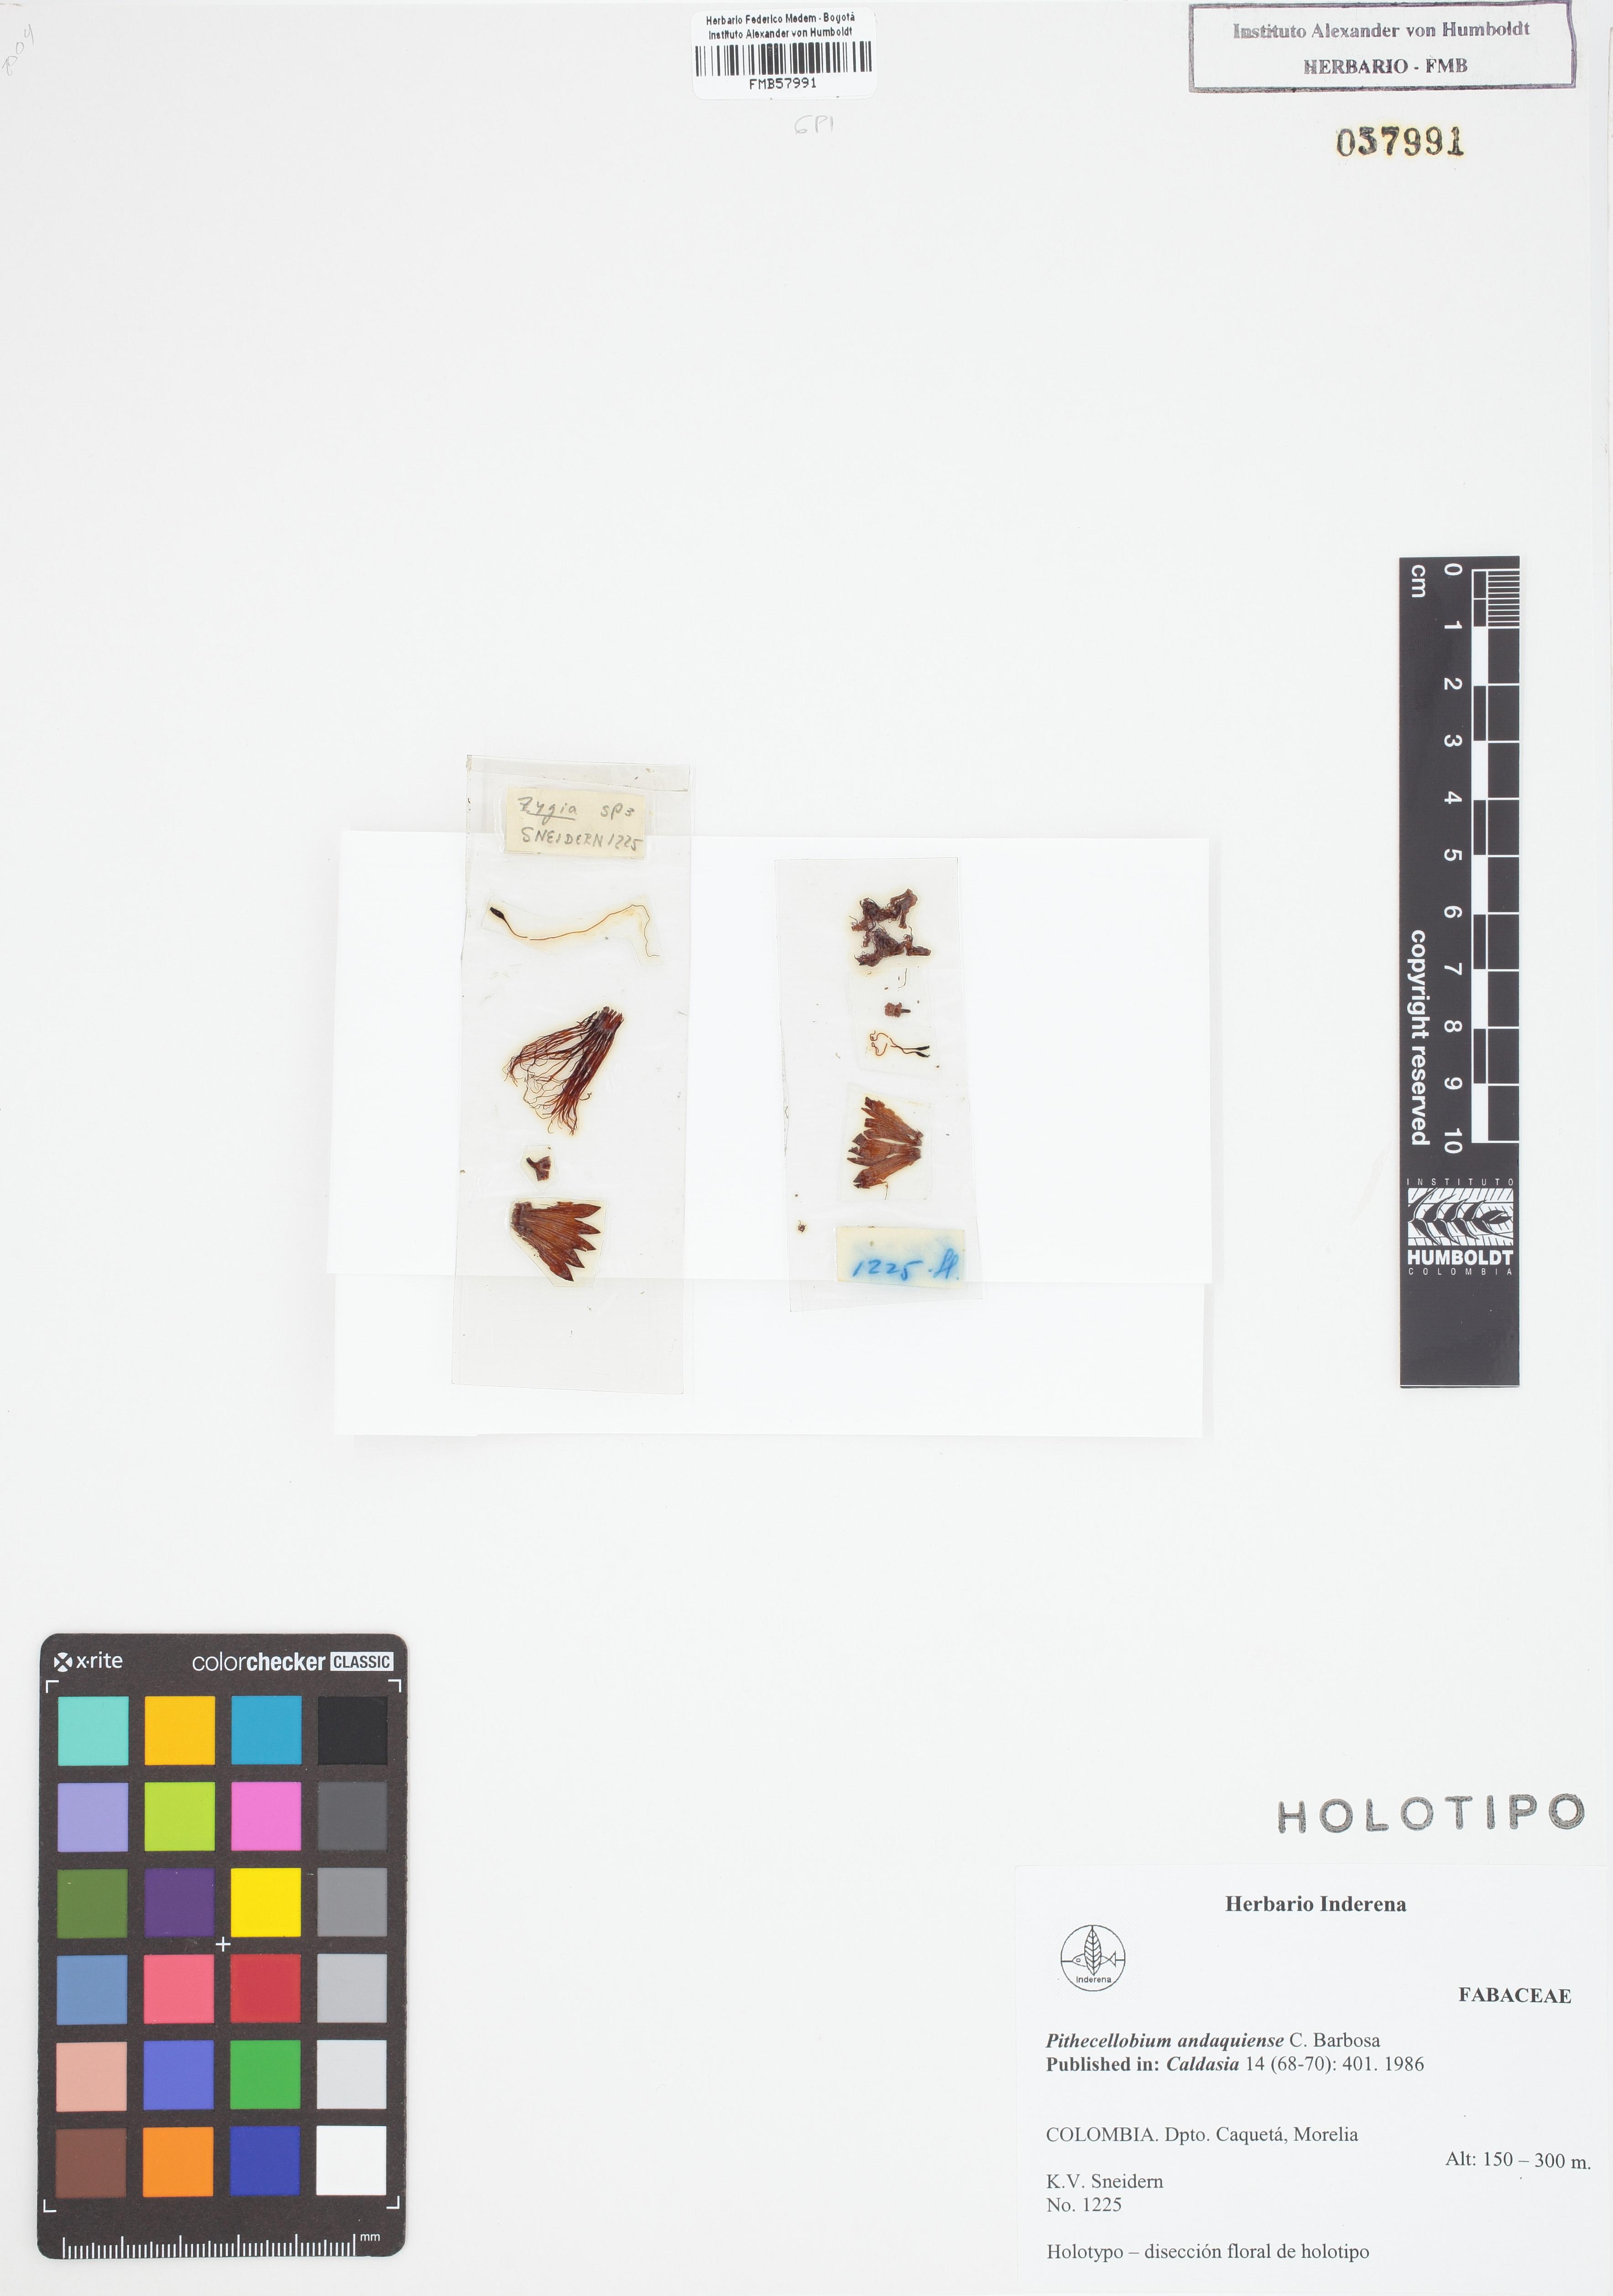 Holotipo de <em>Pithecellobium andaquiense</em>, FMB-57991, Fotografía por Robles A.